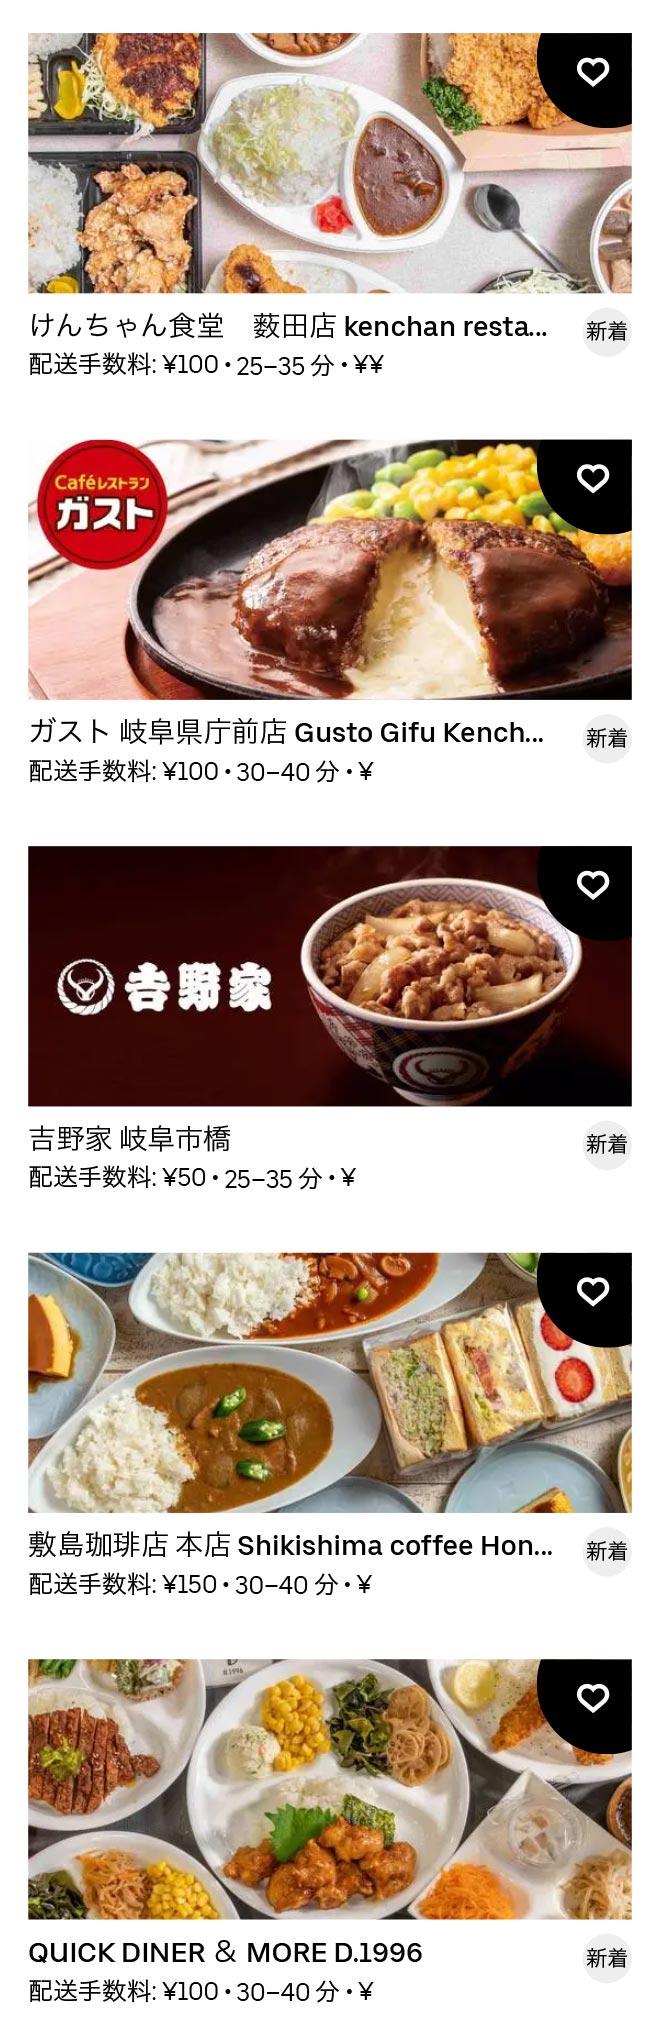 Nishi gifu menu 2012 03